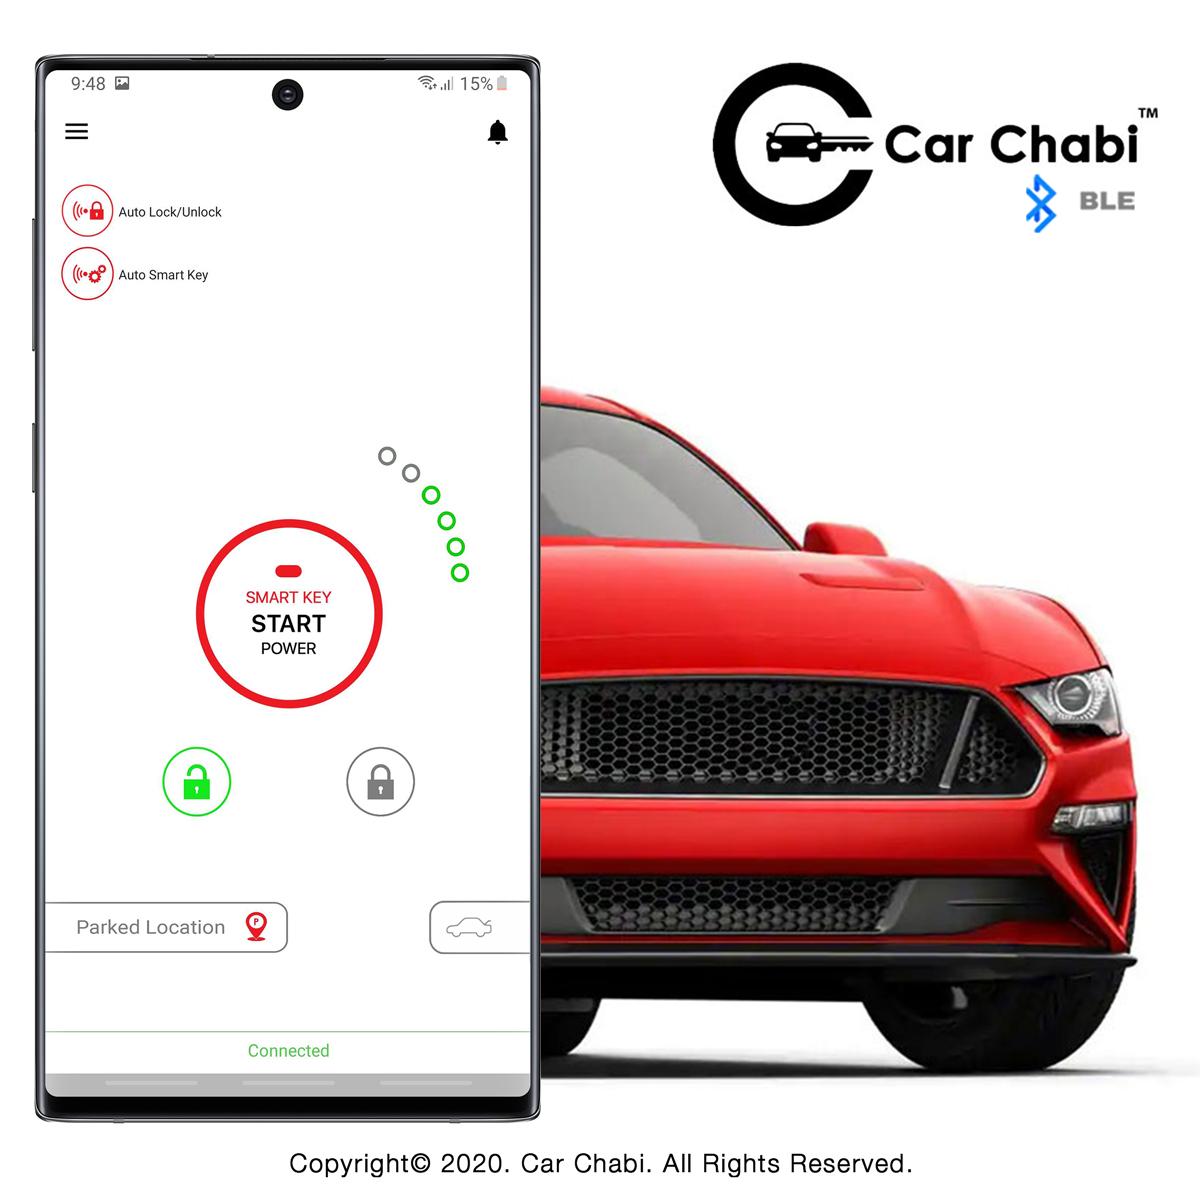 Car Chabi Car Key Remote In Smartphone Application